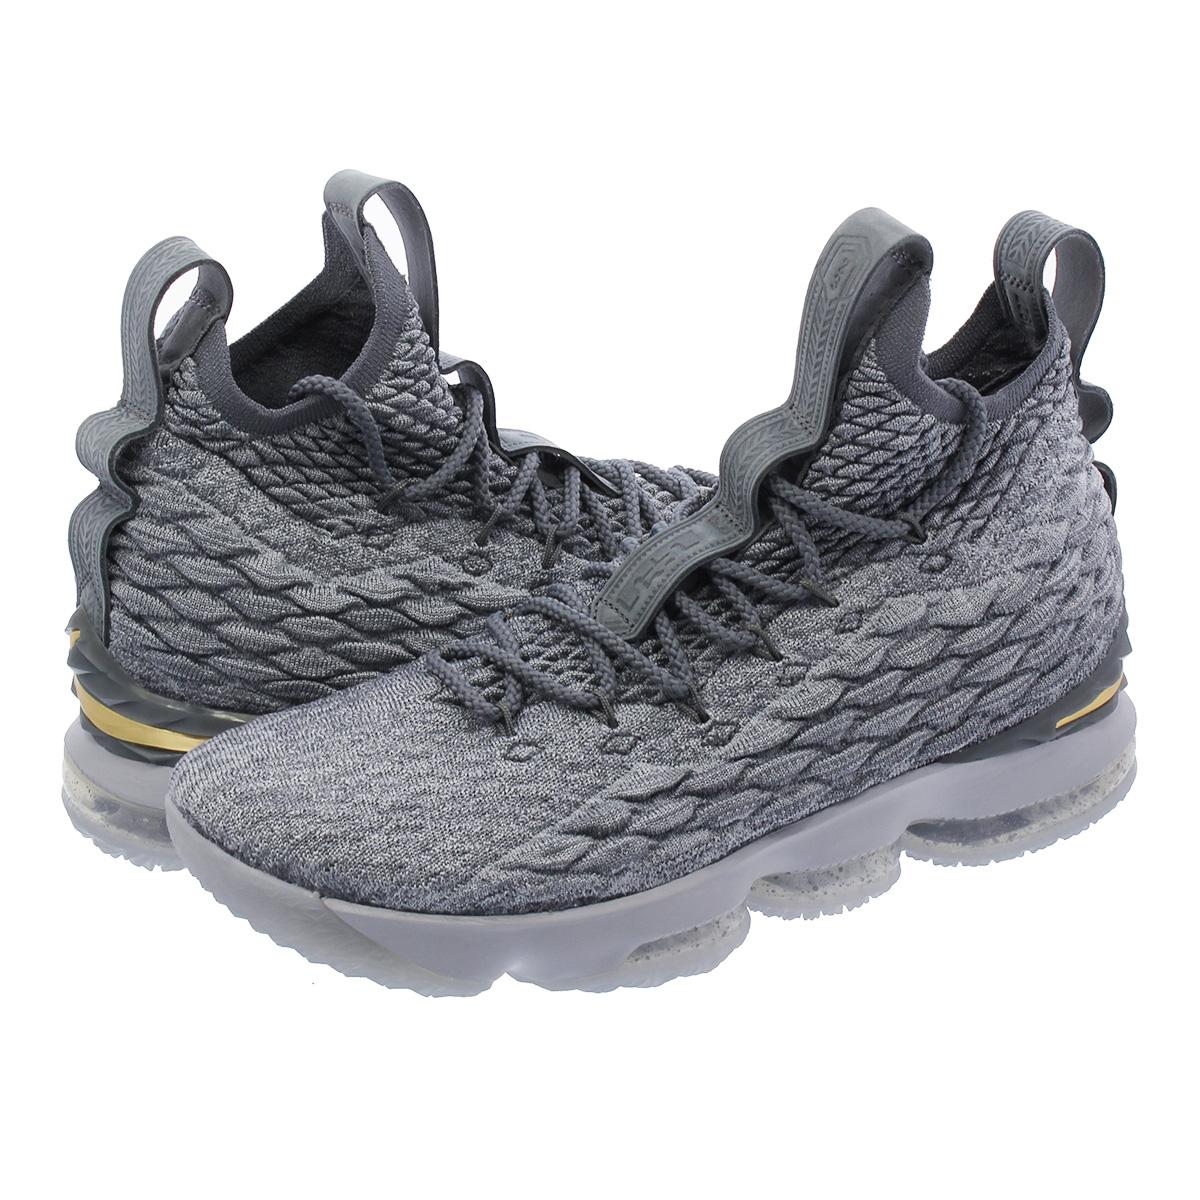 sale retailer 8e120 0e5ad NIKE LEBRON 15 Nike Revlon 15 WOLF GREY METALLIC GOLD